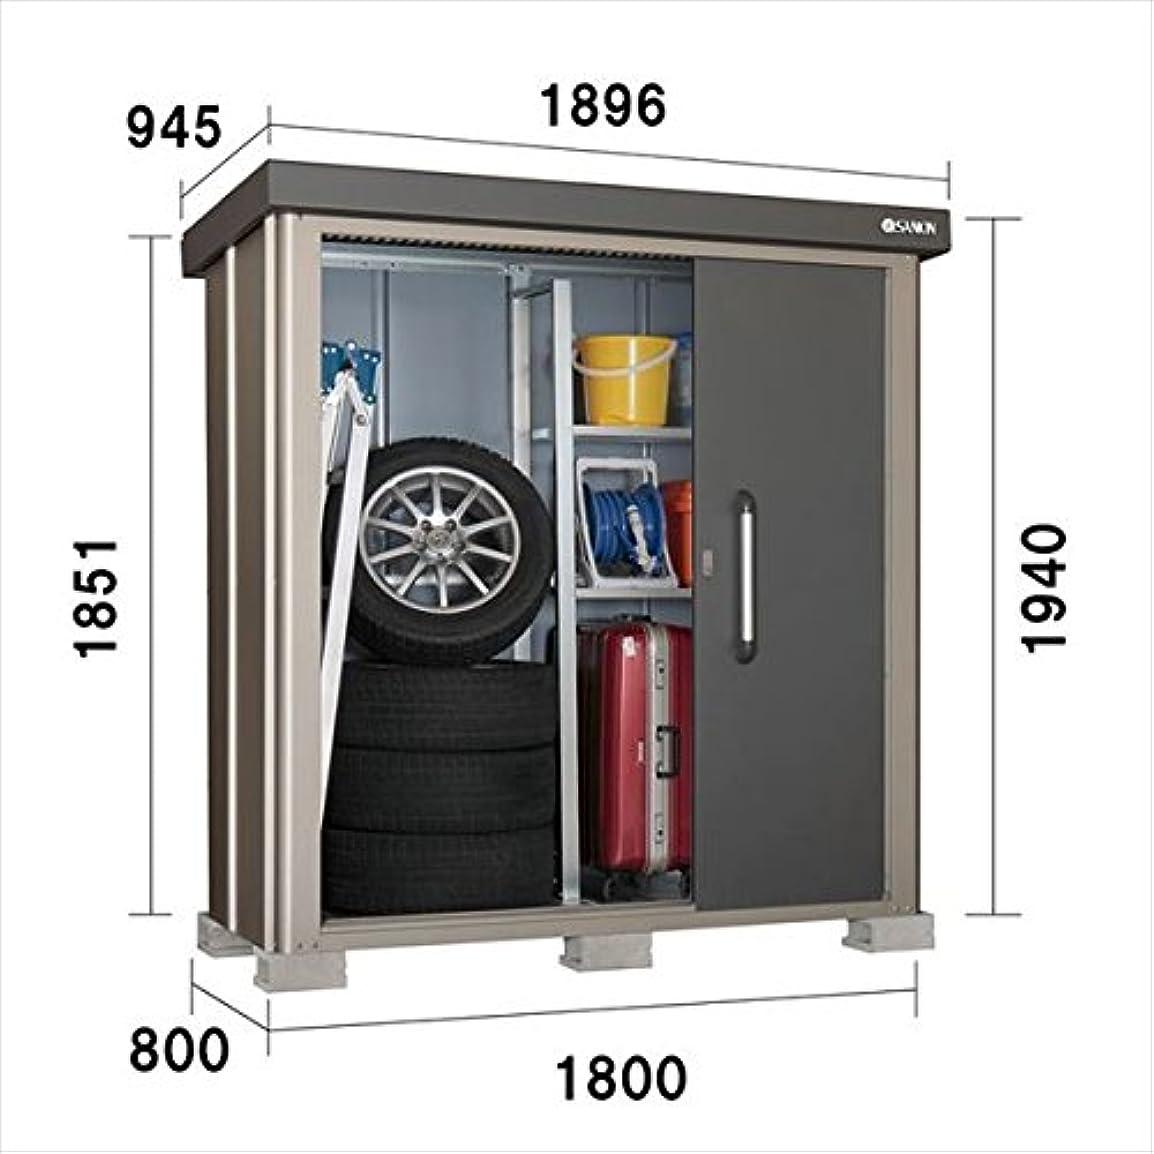 飼料信頼性ポンドサンキン物置 SK8 SK8-50 一般型 棚板棚支柱セット付 『中型?大型物置 屋外 DIY向け』 ギングロ